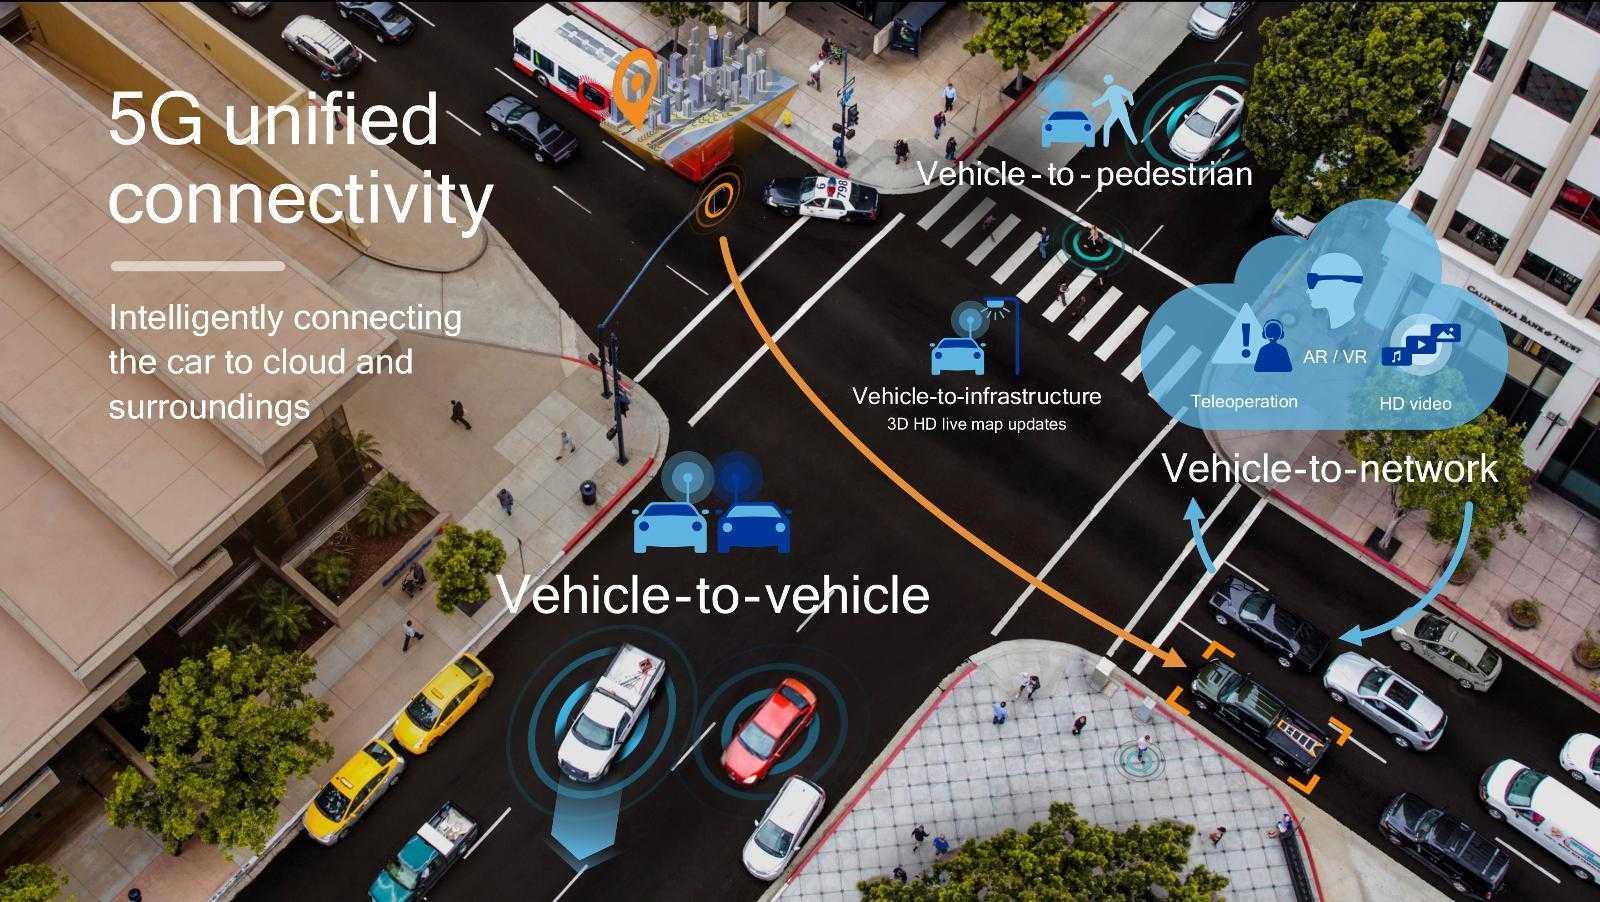 Qualcomm могут начать испытания автономного автомобиля на дорогах общего пользования (dims 1)